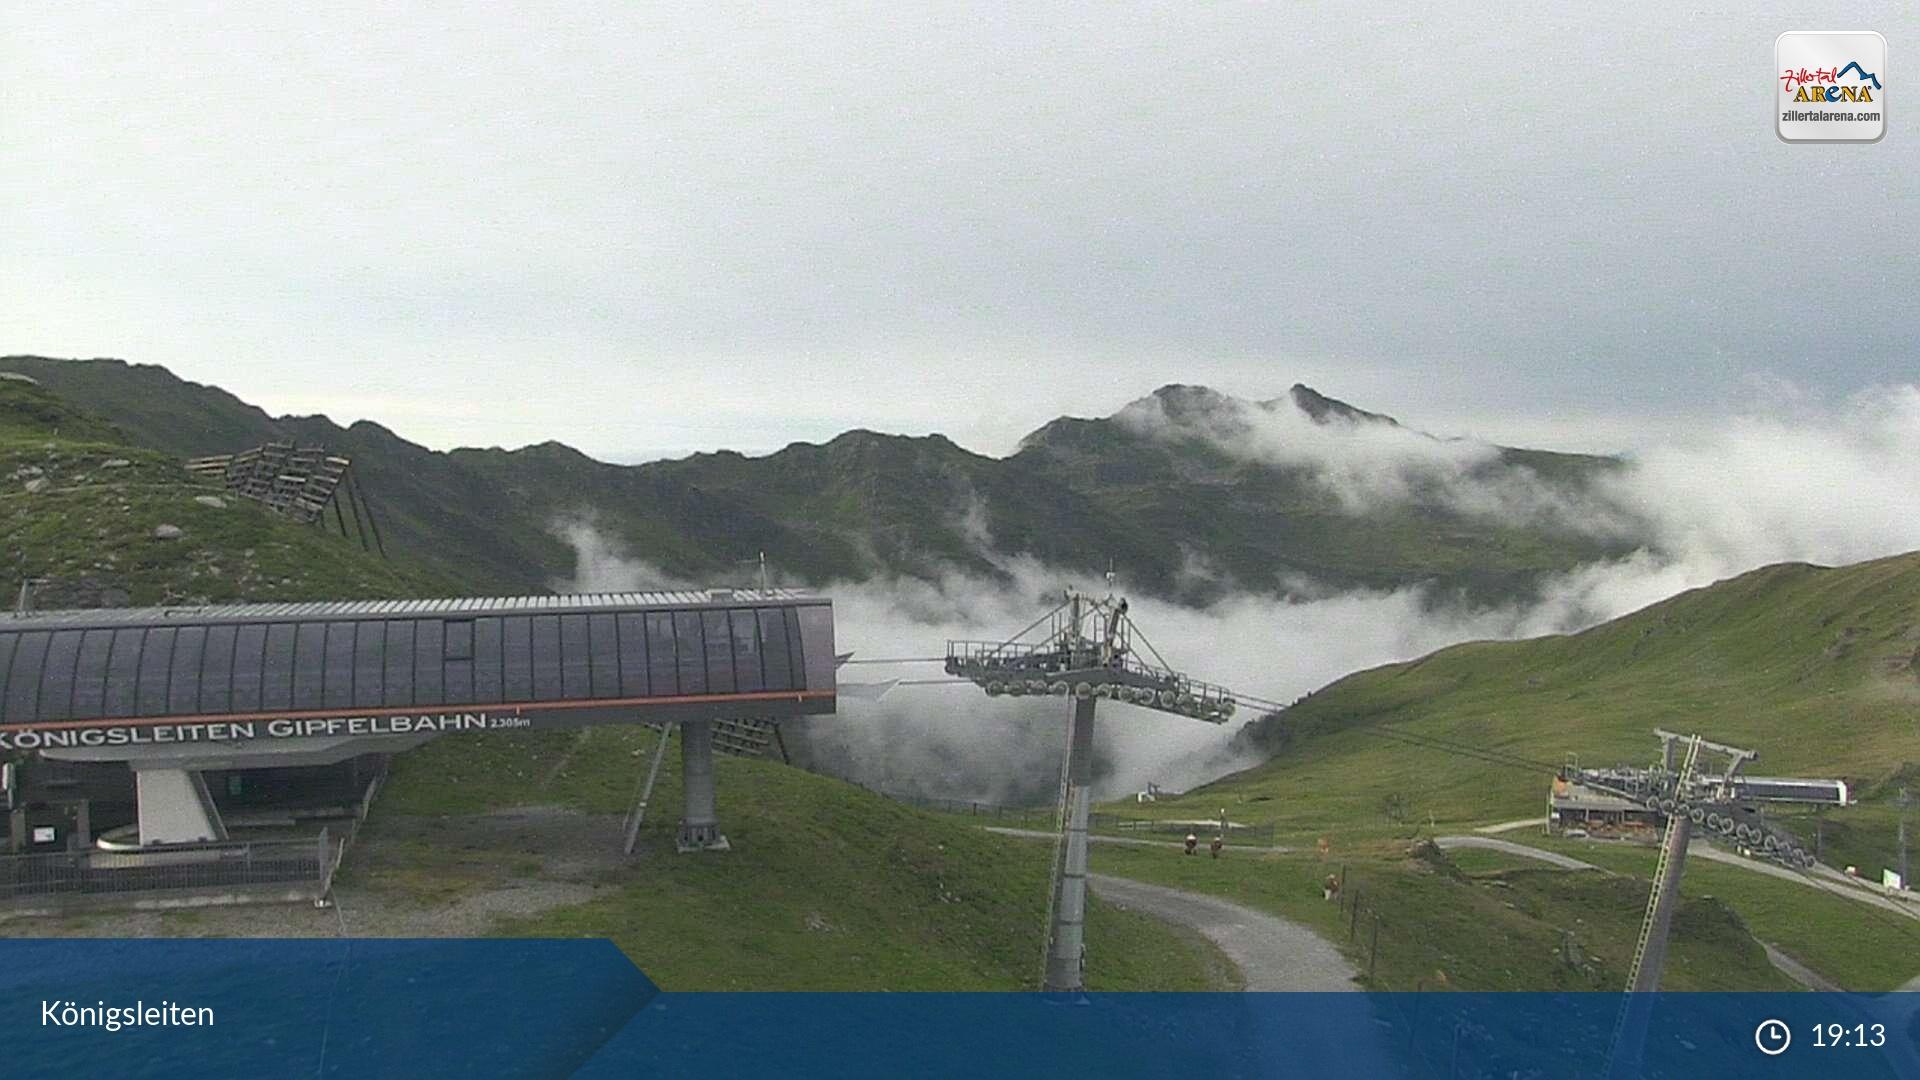 Zillertall Arena Wald im Pingzau webcam - Königsleiten